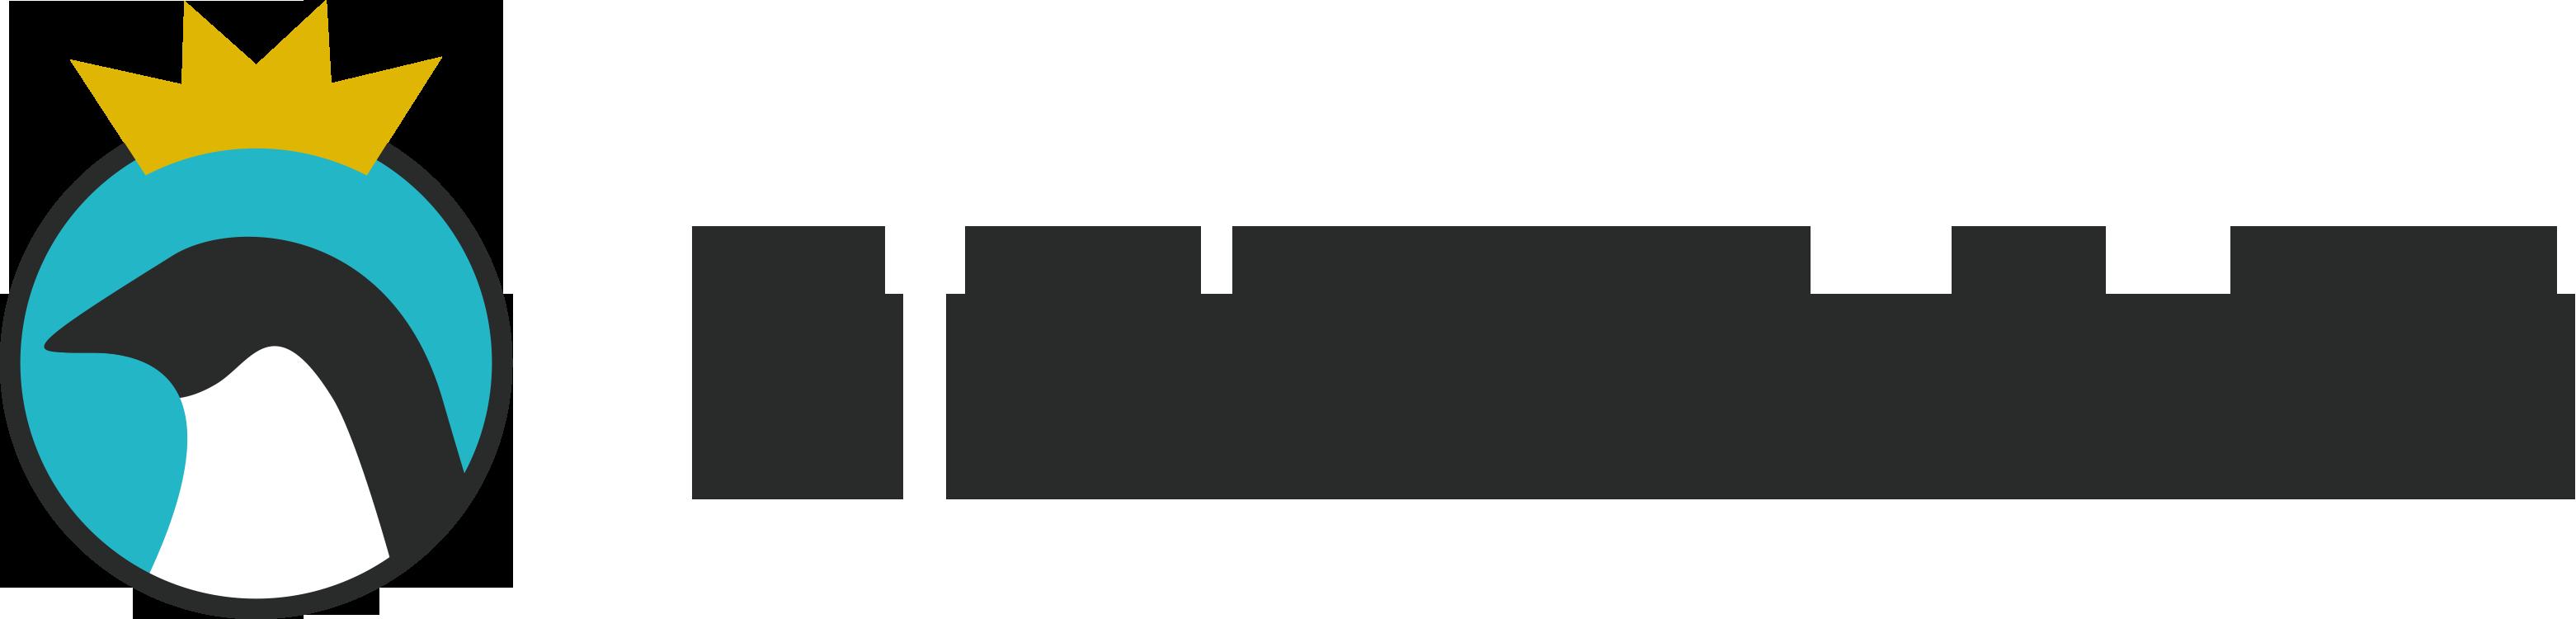 DOYOUNO